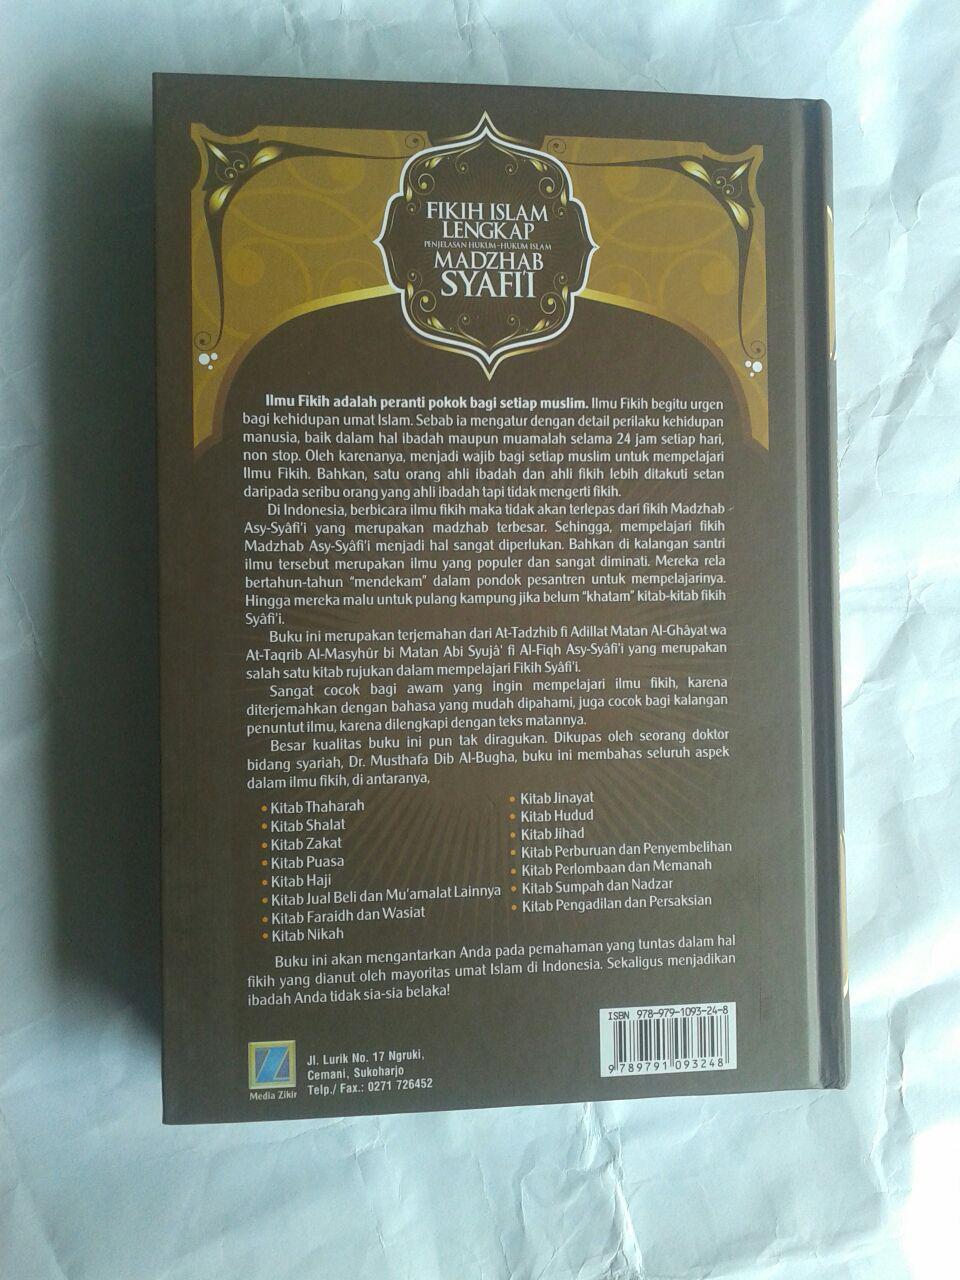 Buku Fikih Islam Lengkap Penjelasan Hukum Hukum Islam Madzhab Syafi'i cover 3